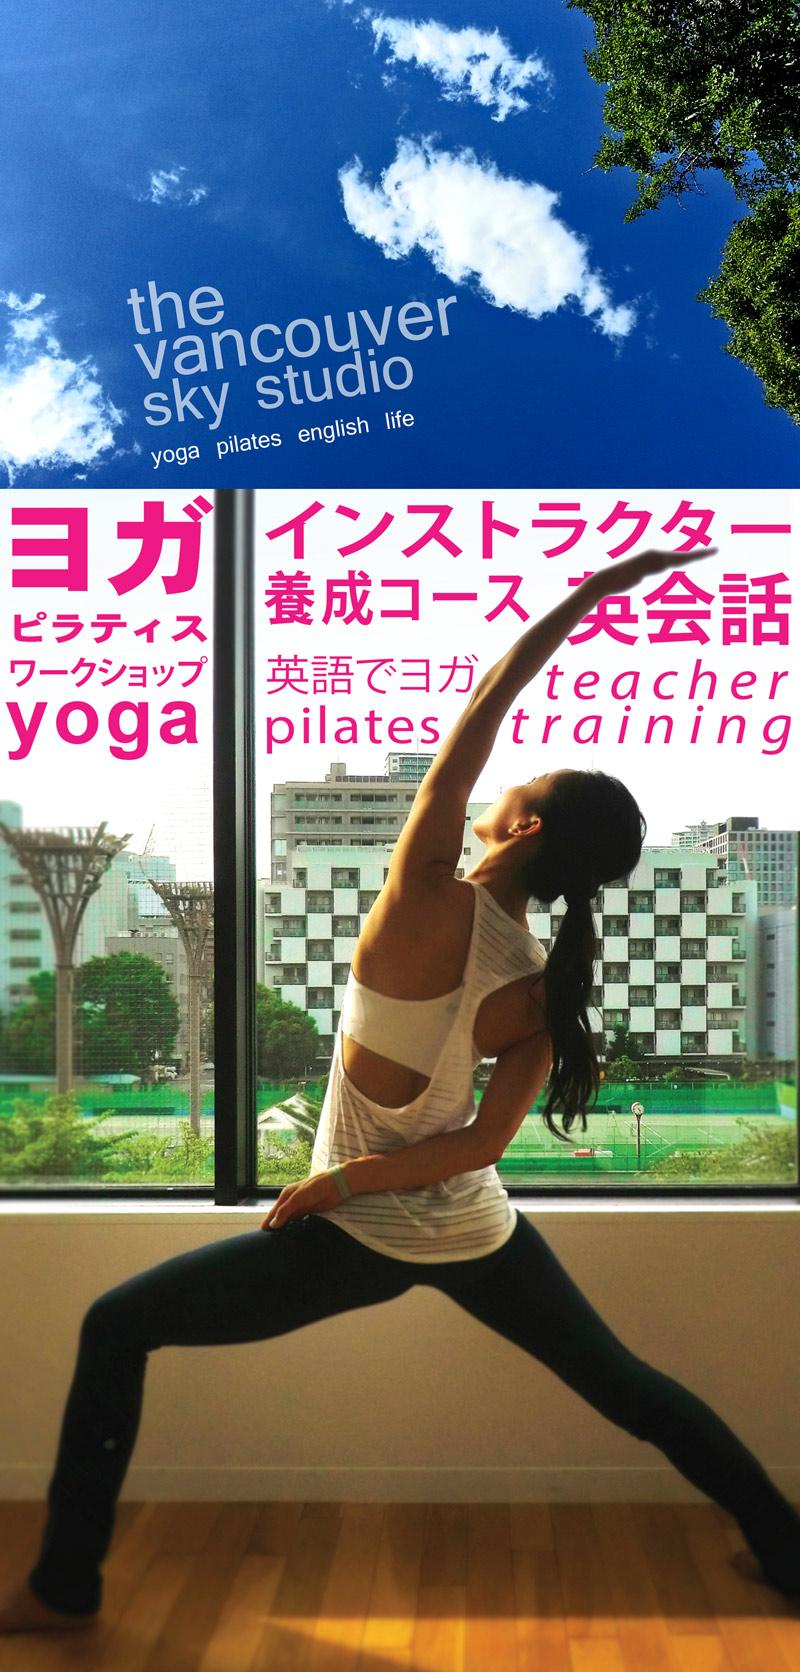 大阪ヨガスタジオ OSAKA YOGA STUDIO 大阪西区ヨガピラティス英会話のスタジオ + RYT 200 ヨガインストラクター養成コース 大阪本町靭公園のすぐ側、カナダバンクーバーの様な開放感たっぷりの空間でヨガ、ピラティス。ベーシックヨガ beginners yoga ヴィンヤサパワーヨガ vinyasa power yoga ヨガコアワークアウト yoga core workout リラックスヨガニードラ relax yoga nidra ハタヨガ hatha yoga ヴィンヤサフローヨガ vinyasa flow yoga ピラティス ワークアウト pilates workout 英語でヨガ yoga in english 英会話 english lessons